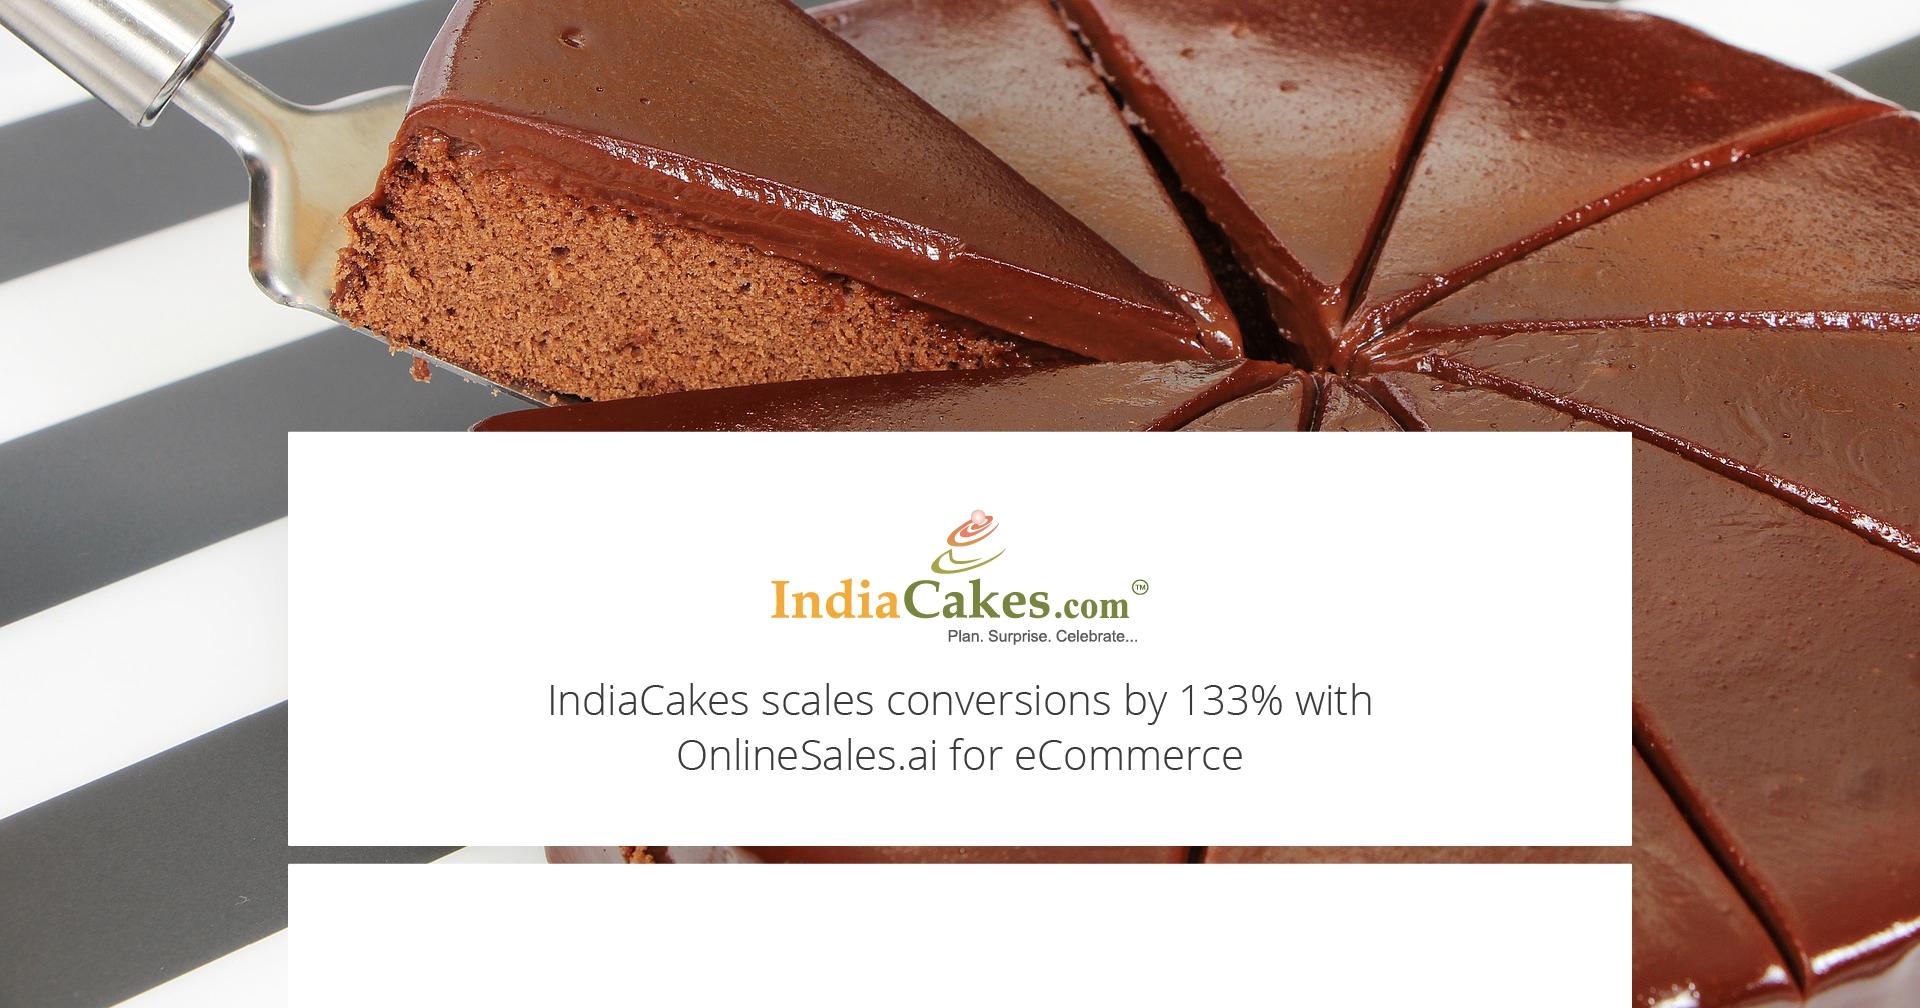 India Cakes